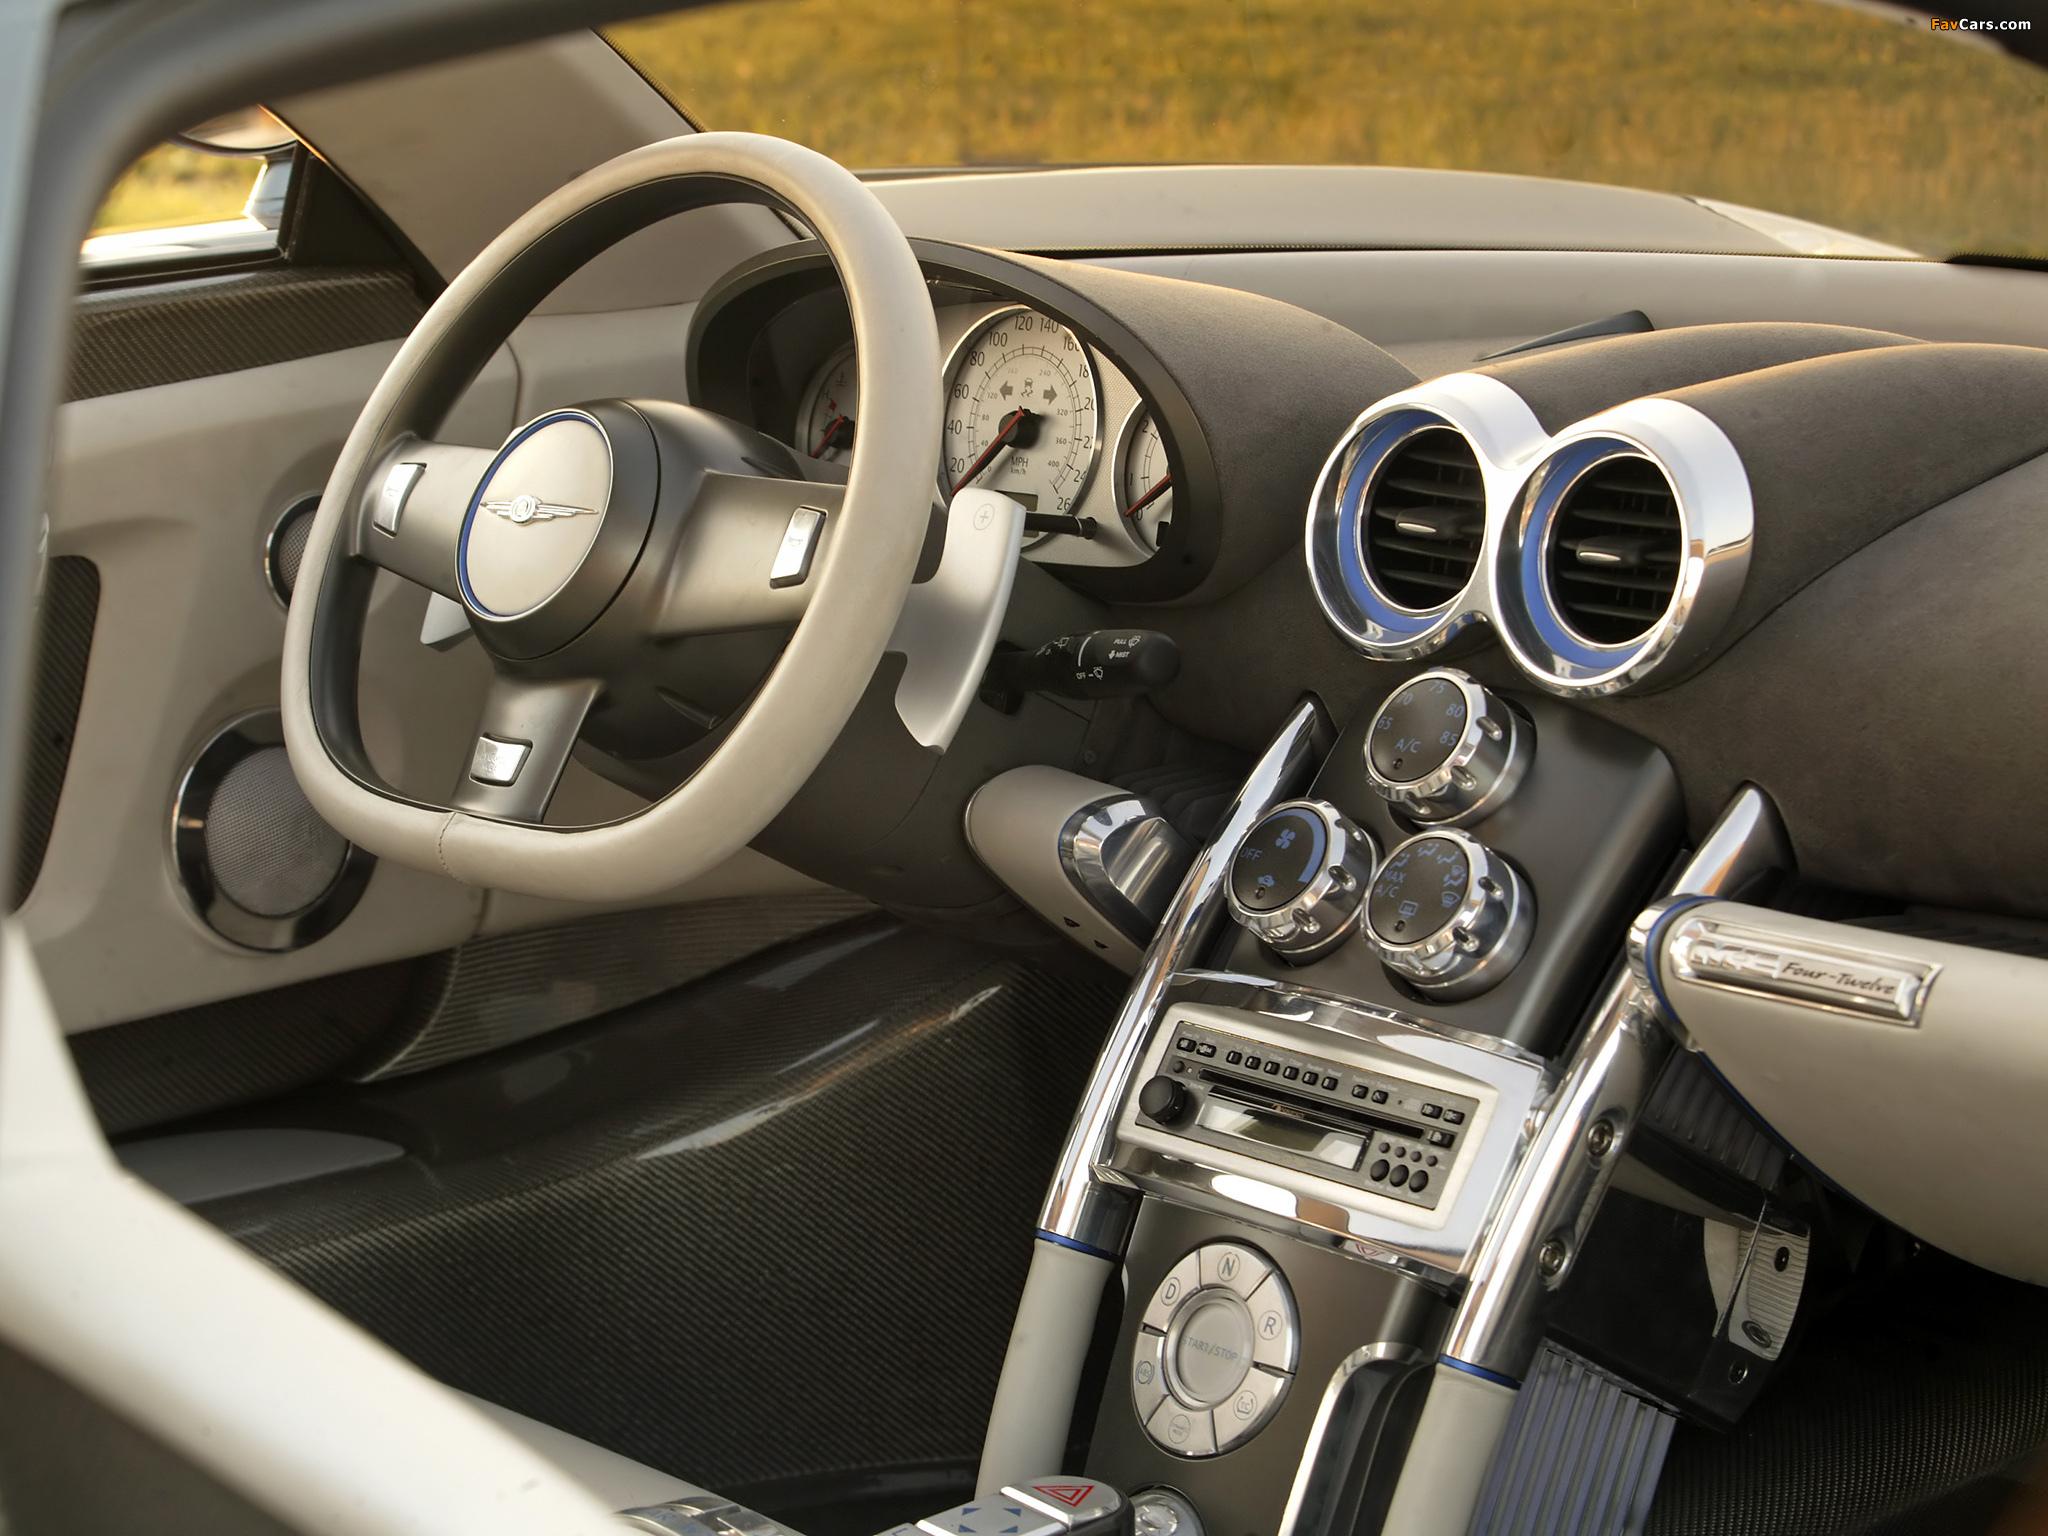 Chrysler ME 4-12 Concept 2004 photos (2048 x 1536)